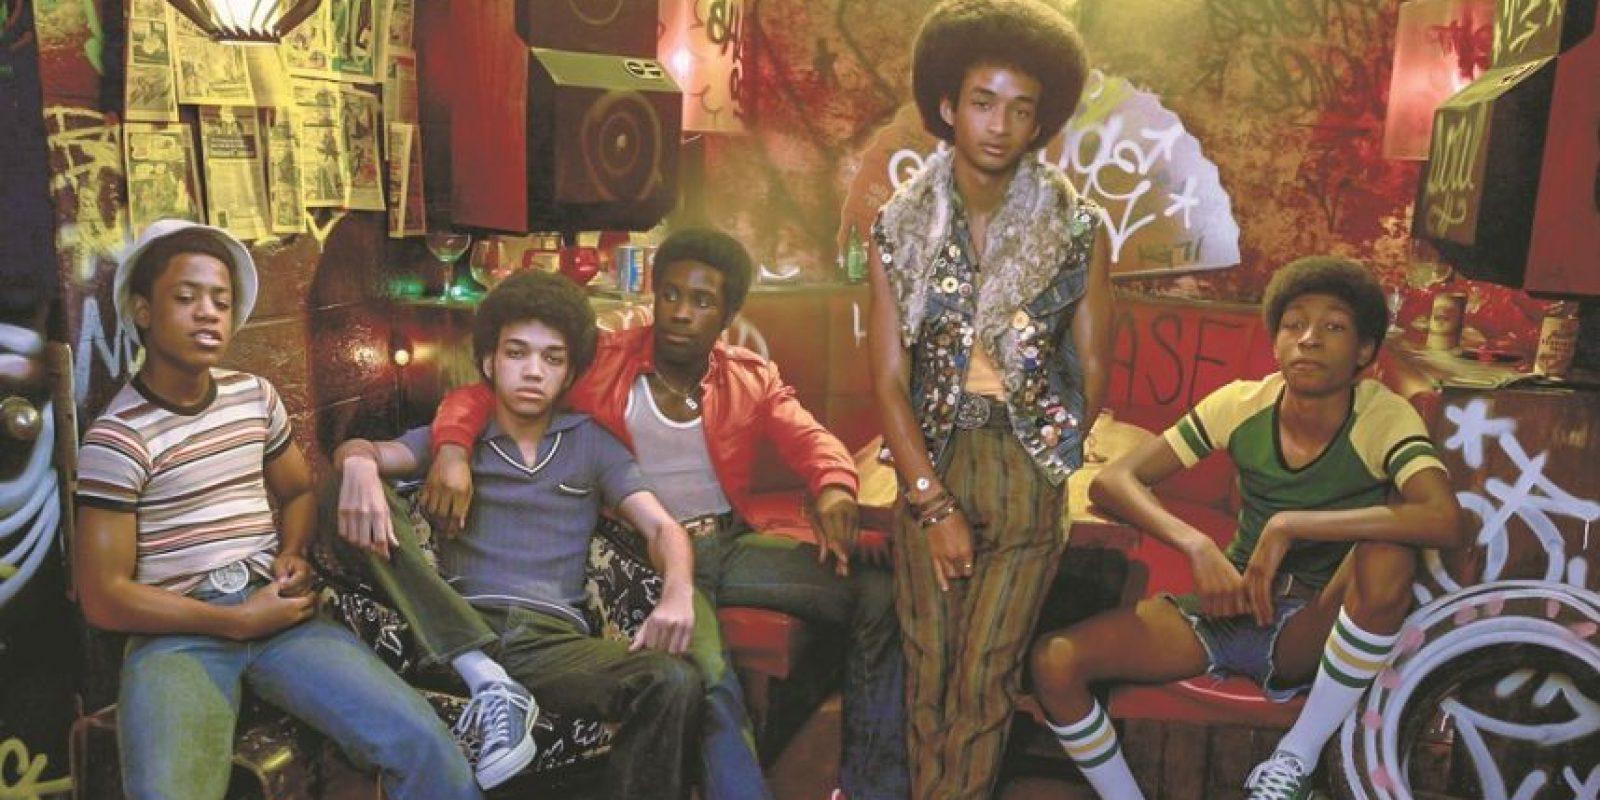 """1- """"The Get Down"""". Es una serie musical de género dramático creada por Baz Luhrmann (""""El Gran Gatsby"""") y Shawn Ryan (""""The Shield"""") para Netflix. Gira en torno al mundo de la música disco, el R&B, el punk y el hip-hop, estilos que triunfaron en el Bronx en los años 70. El elenco lo conforman Justice Smith, Jaden Smith y Giancarlo Espósito. Se estrena el 12 de agosto. ¡Imperdible! Foto:Fuente externa"""